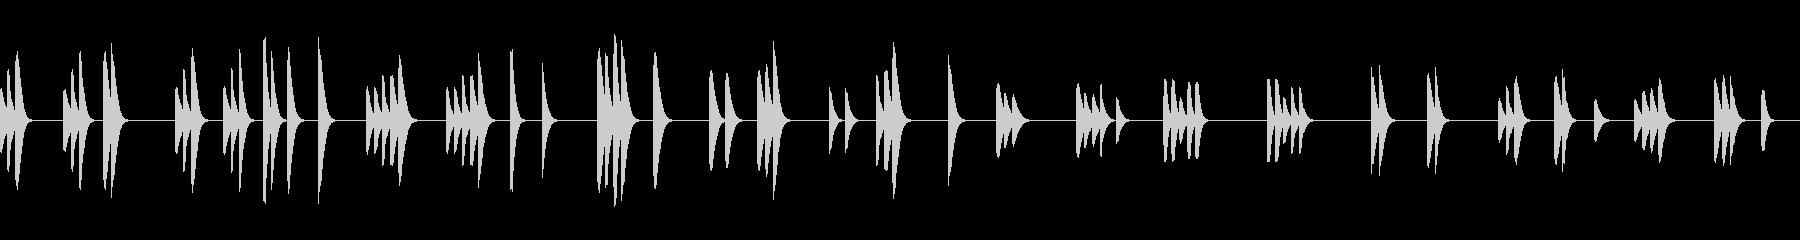 【アニメ風】ほのぼのした日常会話シーンの未再生の波形